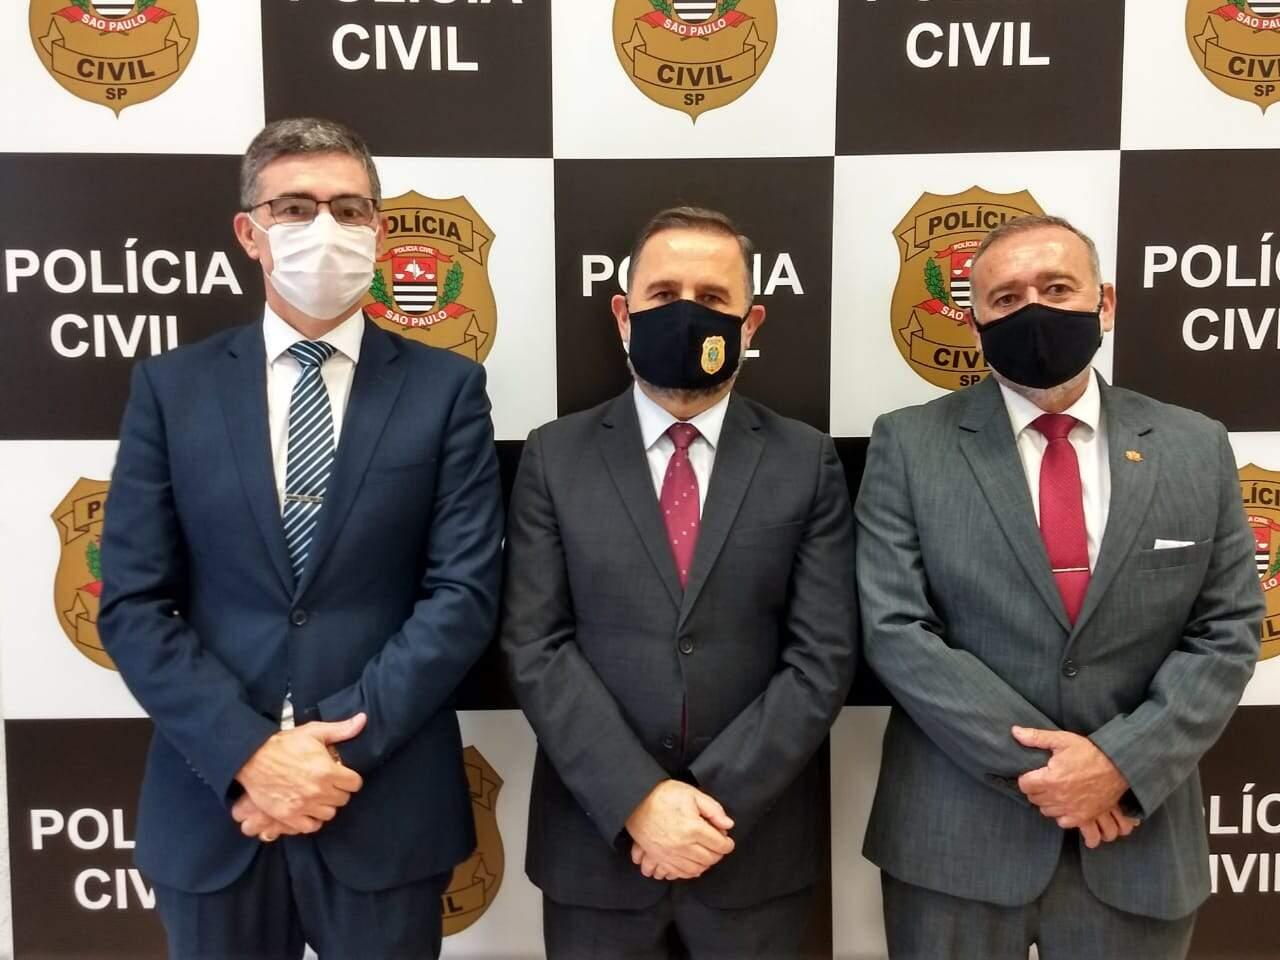 Dr. Flávio Ruiz Gastaldi, Dr. Manoel Gatto e Dr. Renato de Almeida Barros